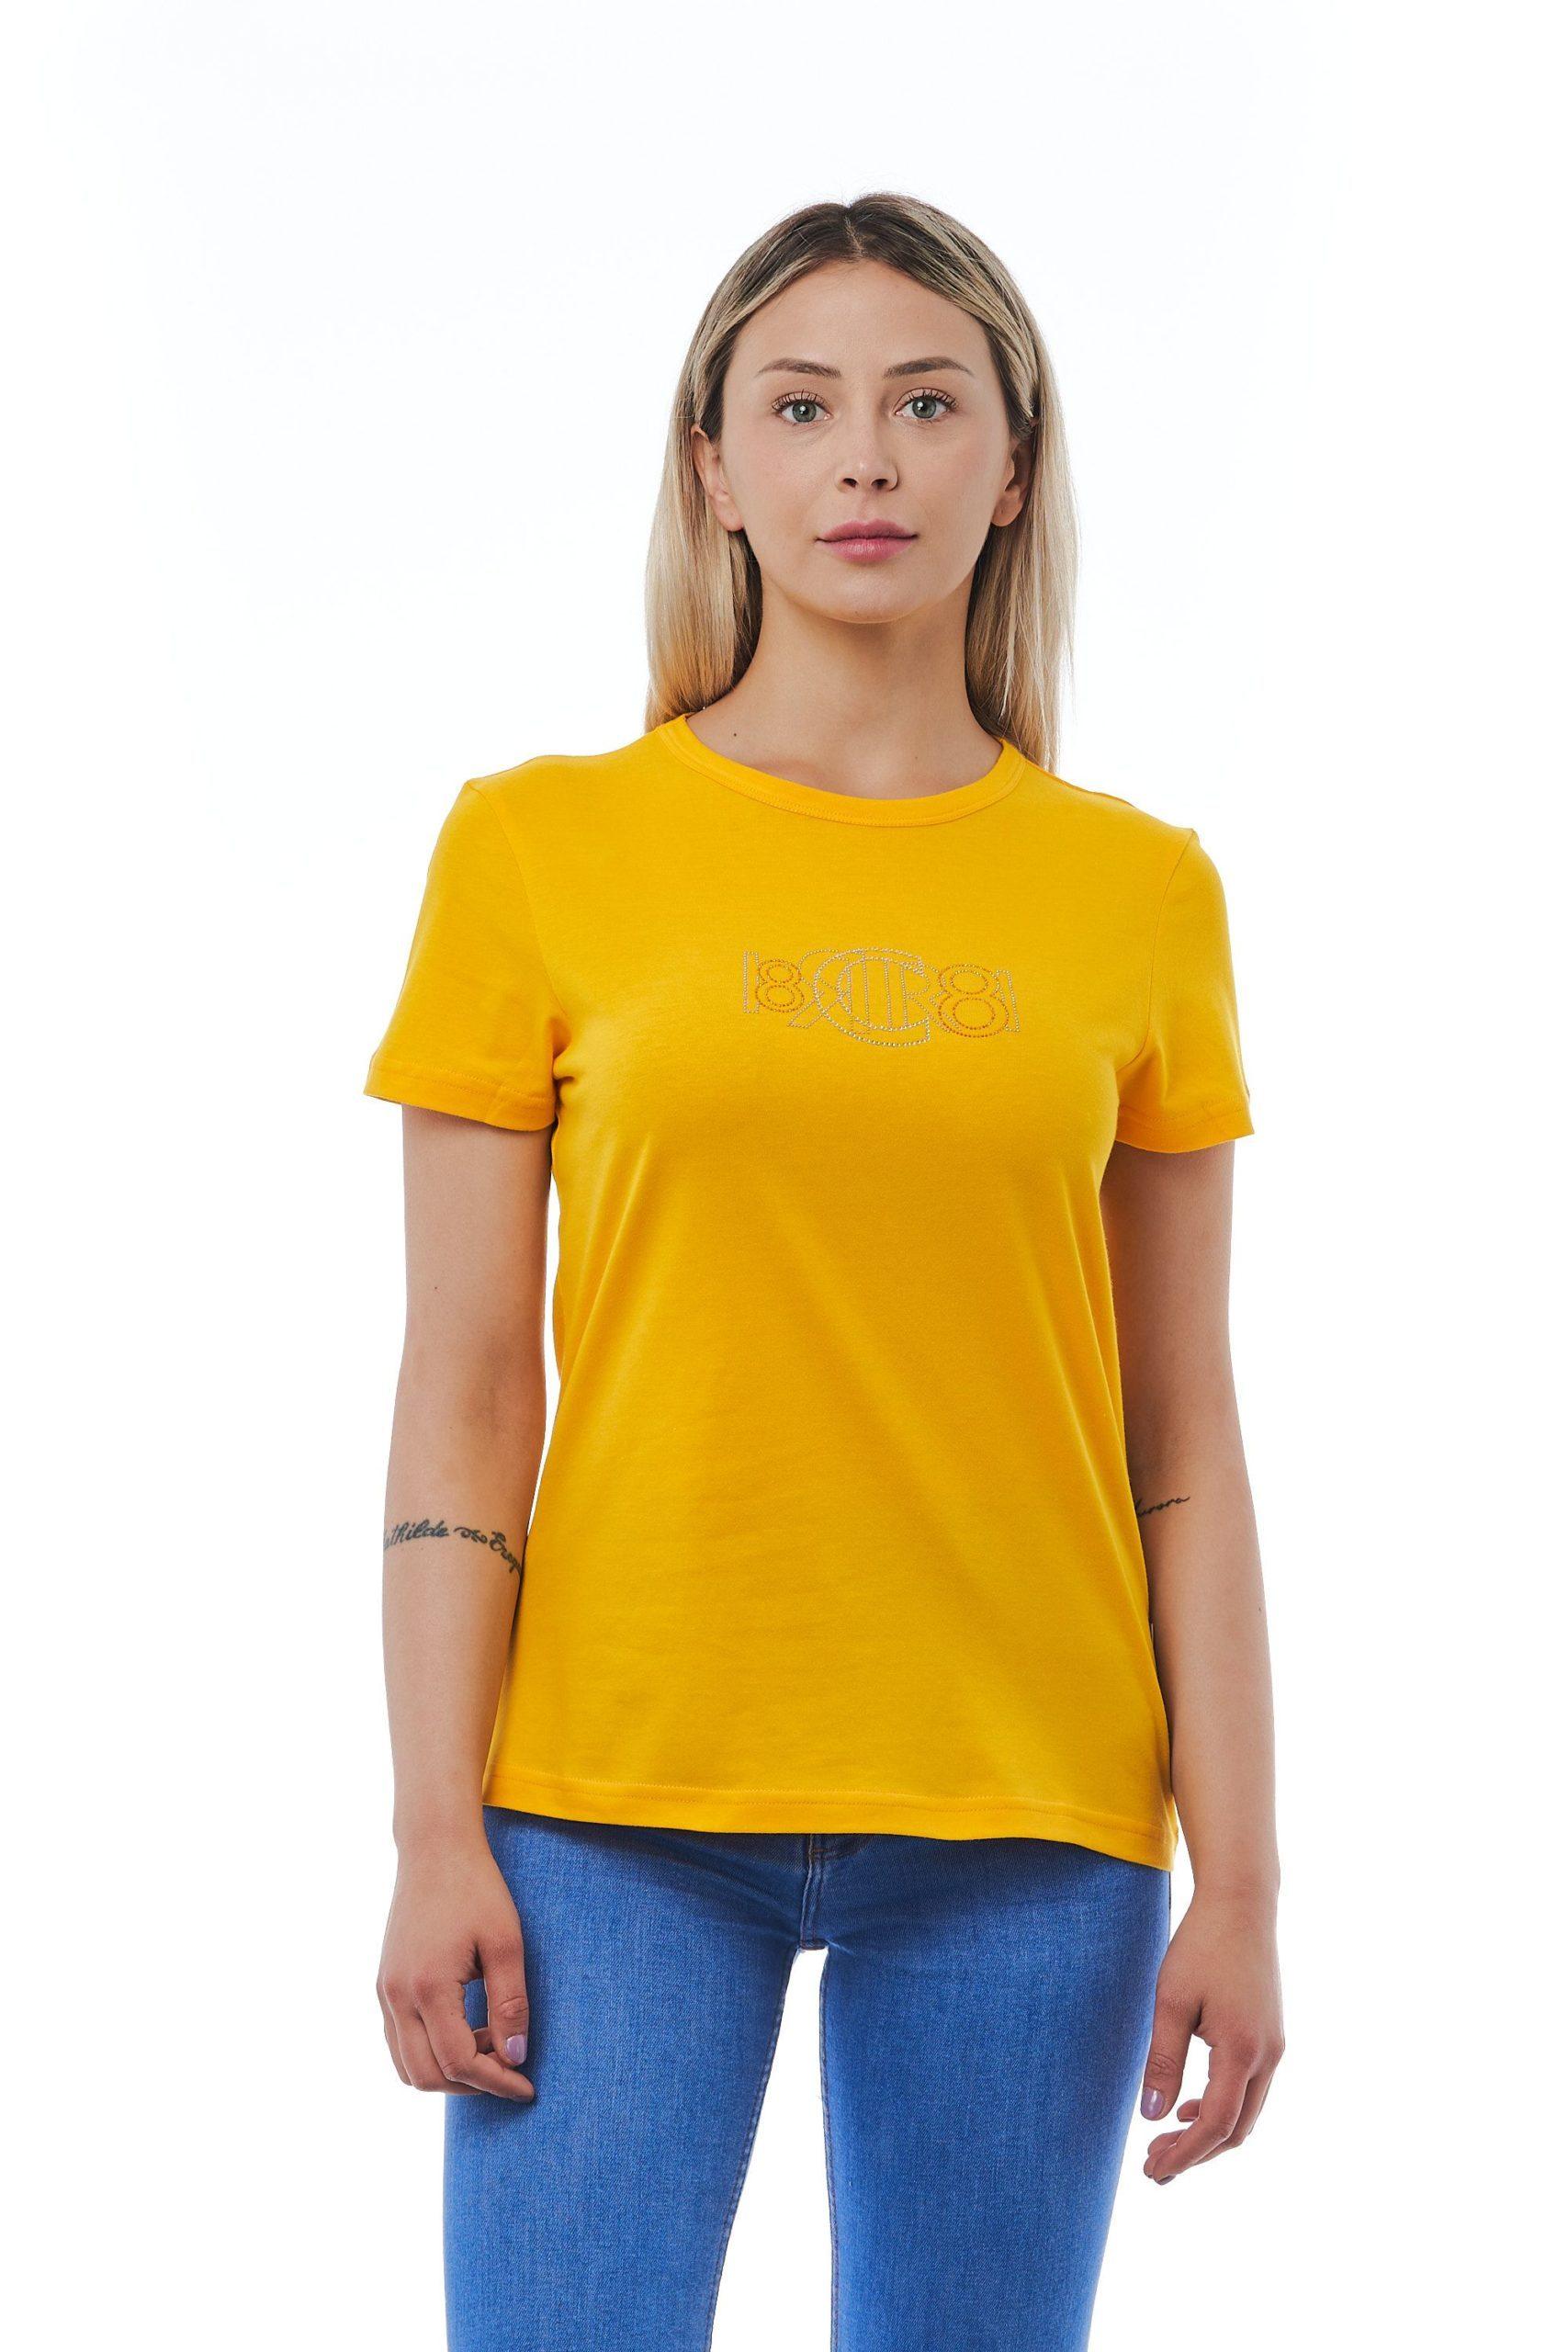 Cerruti 1881 Women's Giallo T-Shirt Yellow CE1410178 - M